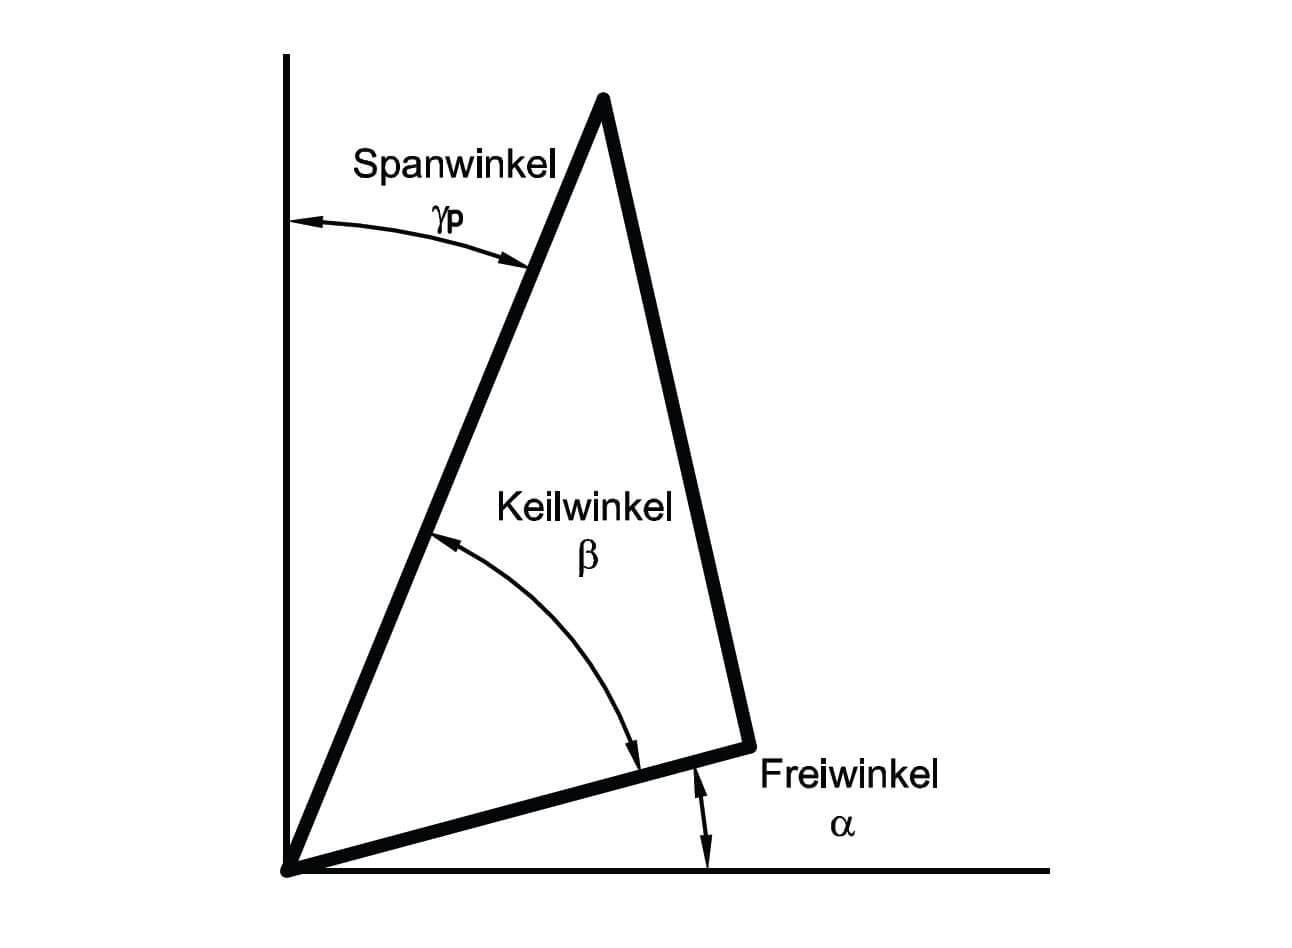 Winkel am Spiralbohrer: Freiwinkel, Keilwinkel und Spanwinkel